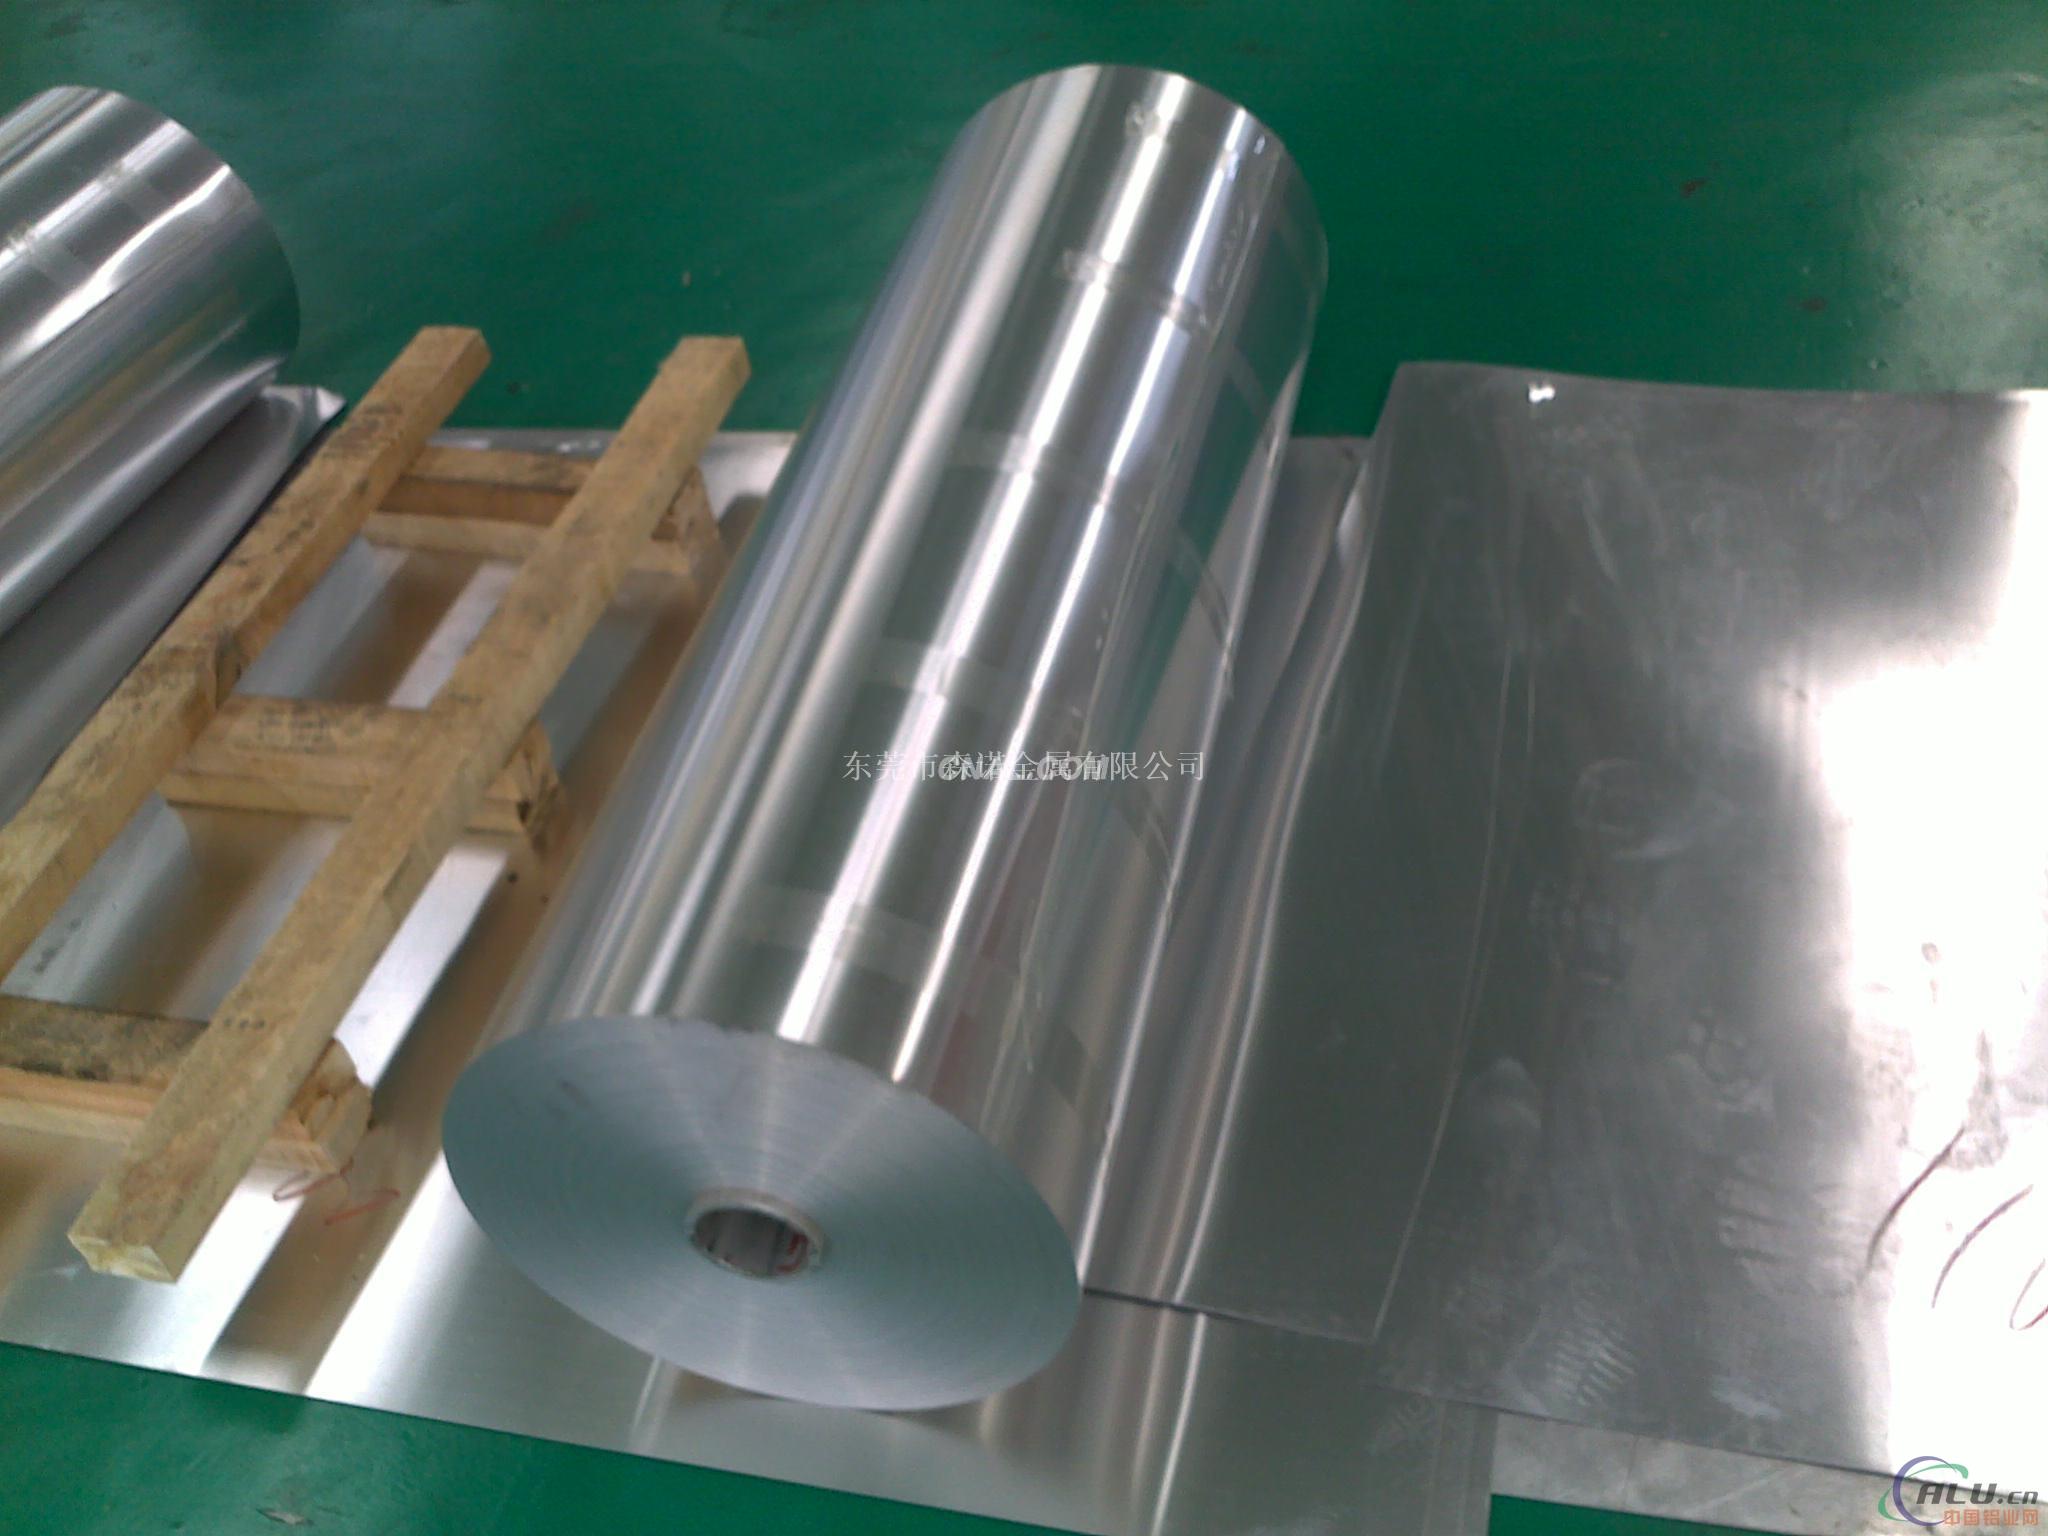 特别用于制造飞机结构及其他要求强度高,抗腐蚀性能强的高应力结构体